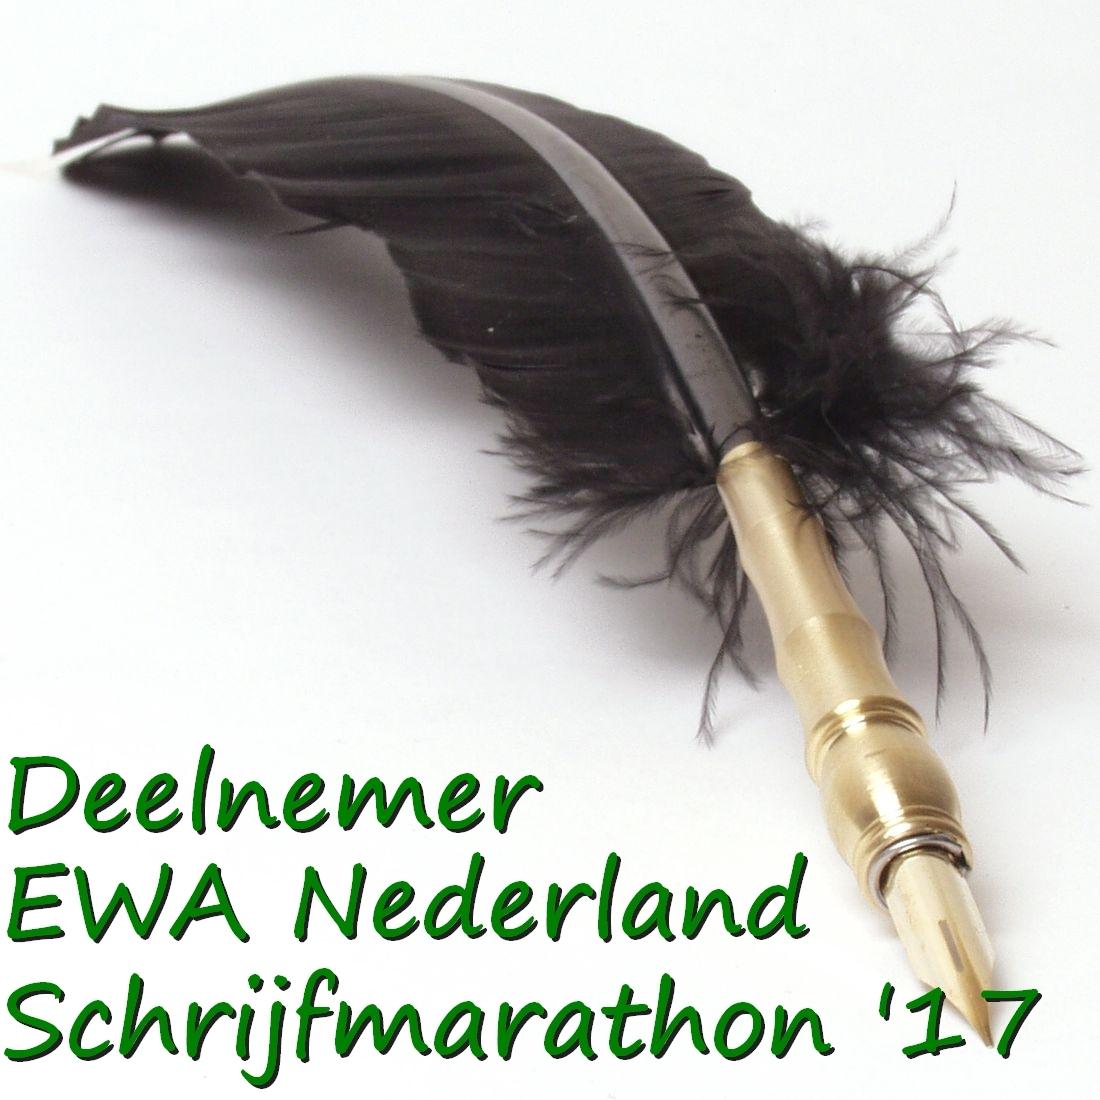 Deelnemer EWA Schrijfmarathon 2017